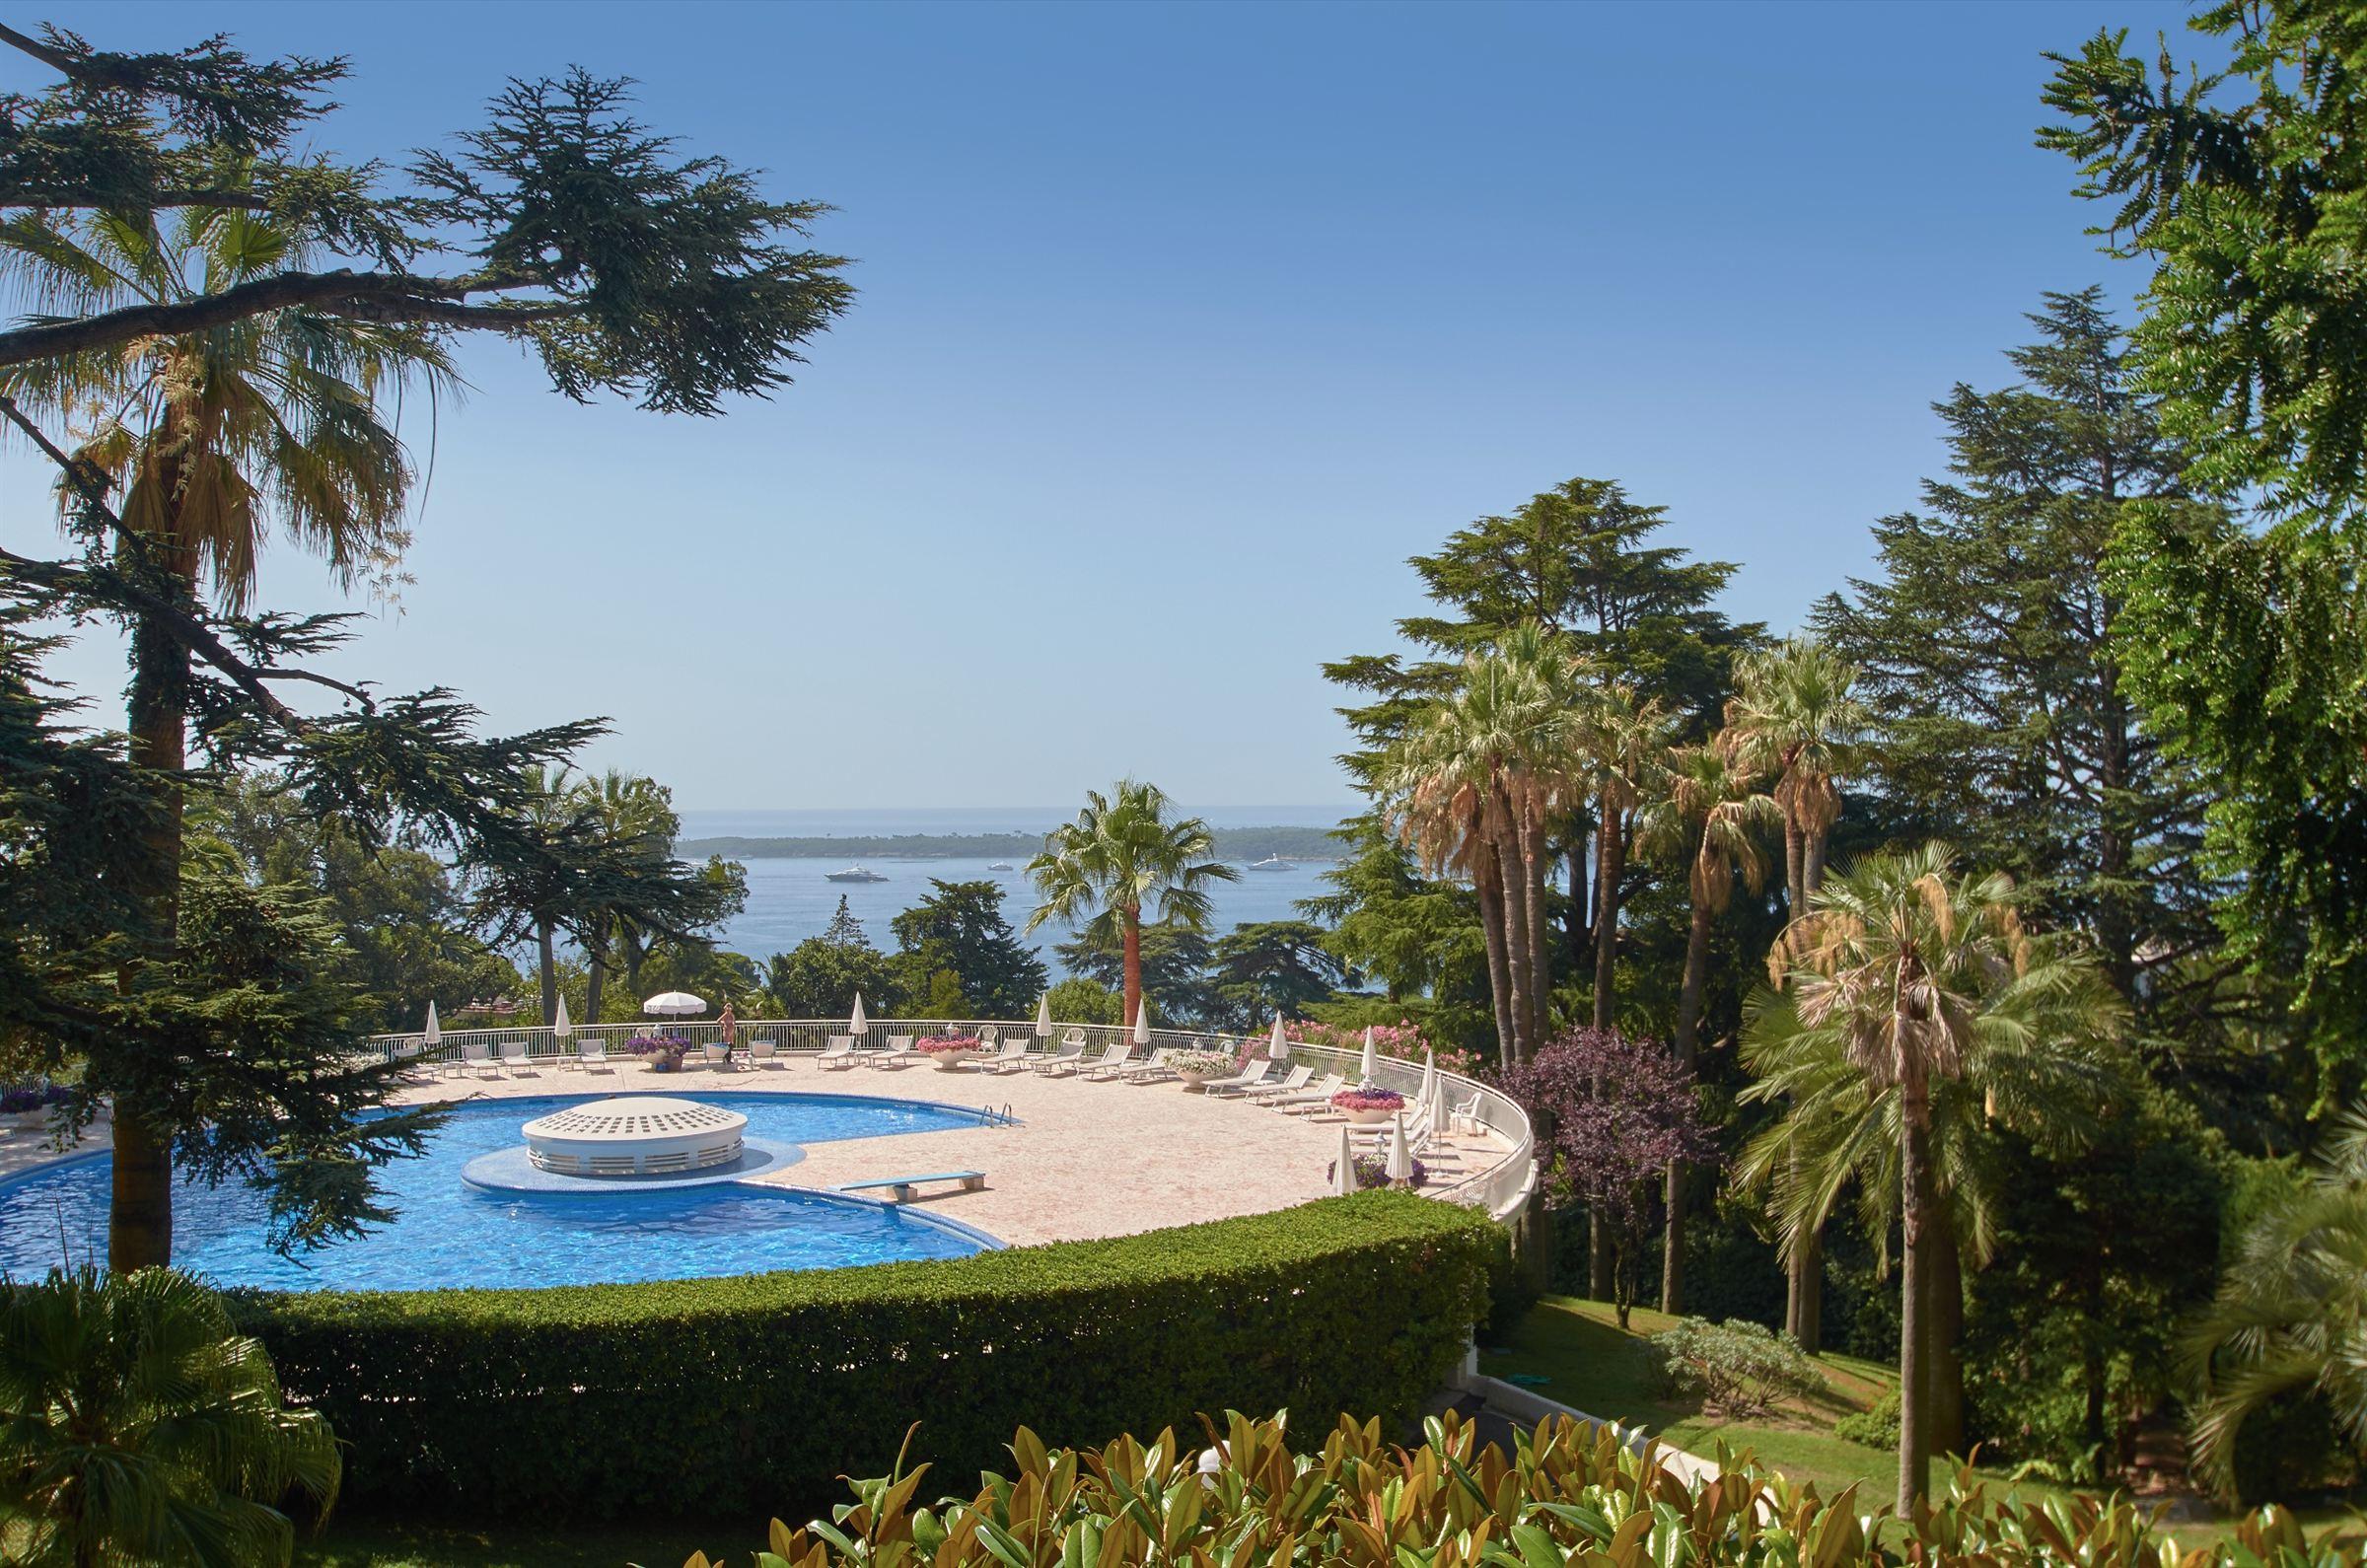 Apartamento para Venda às Luxury apartment in Cannes Cannes, Provença-Alpes-Costa Azul 06400 França